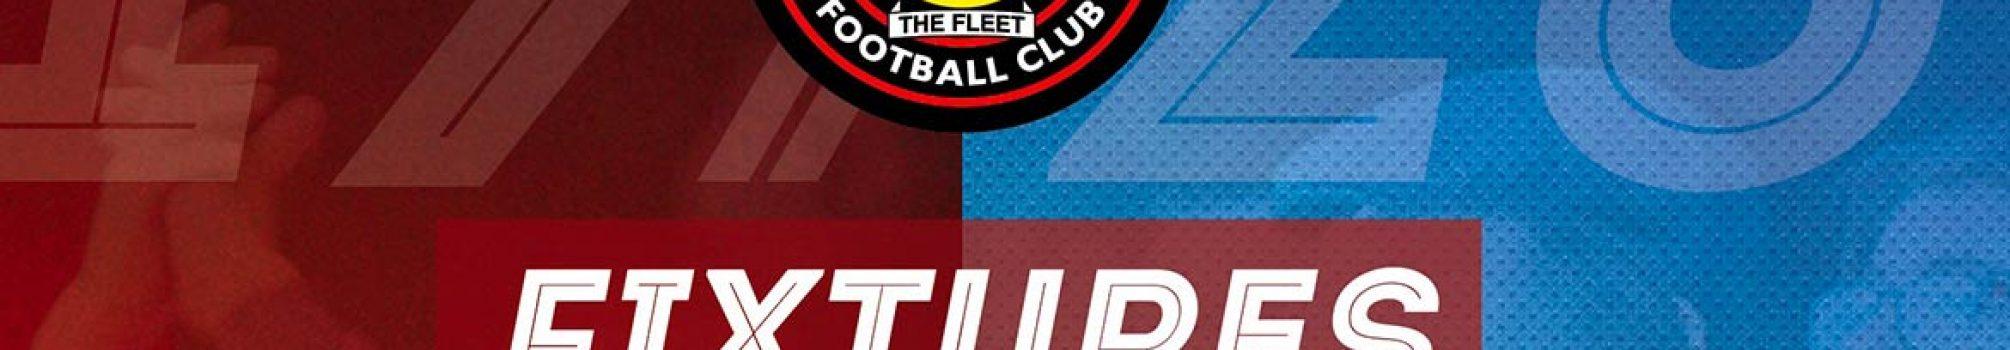 fixtures1920